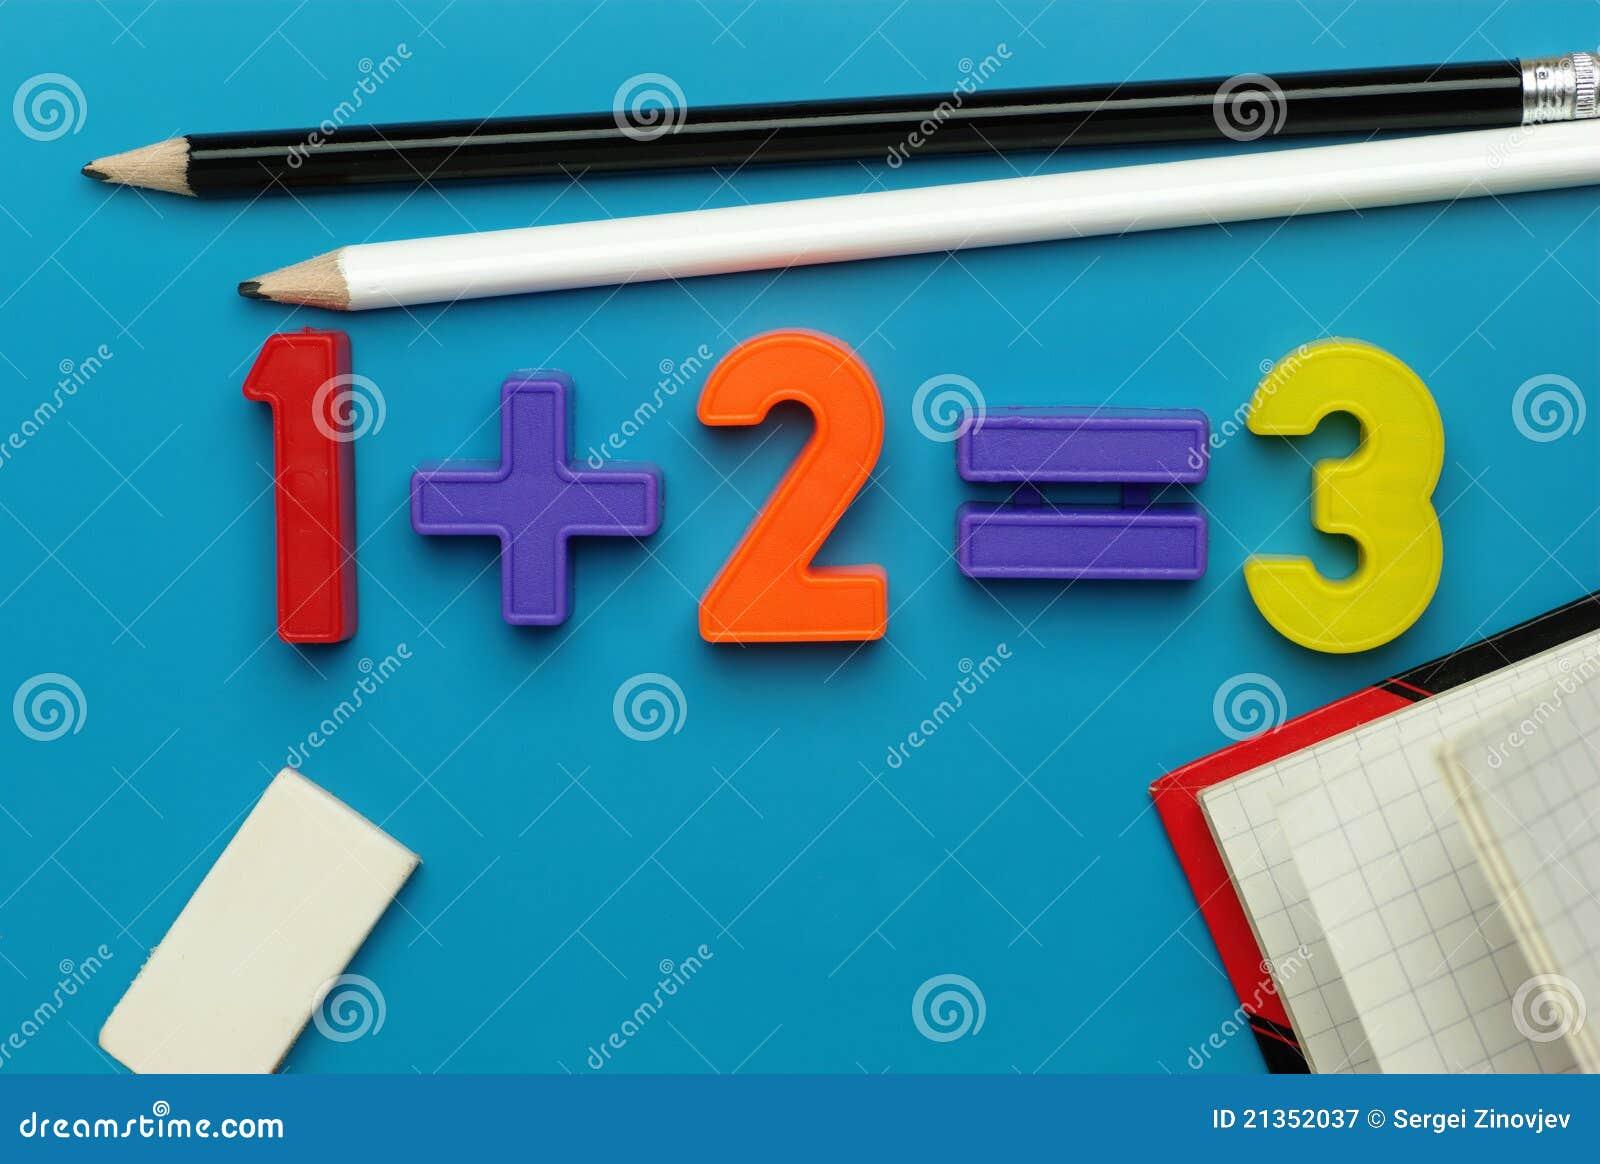 儿童笔记本编号铅笔s集合玩具